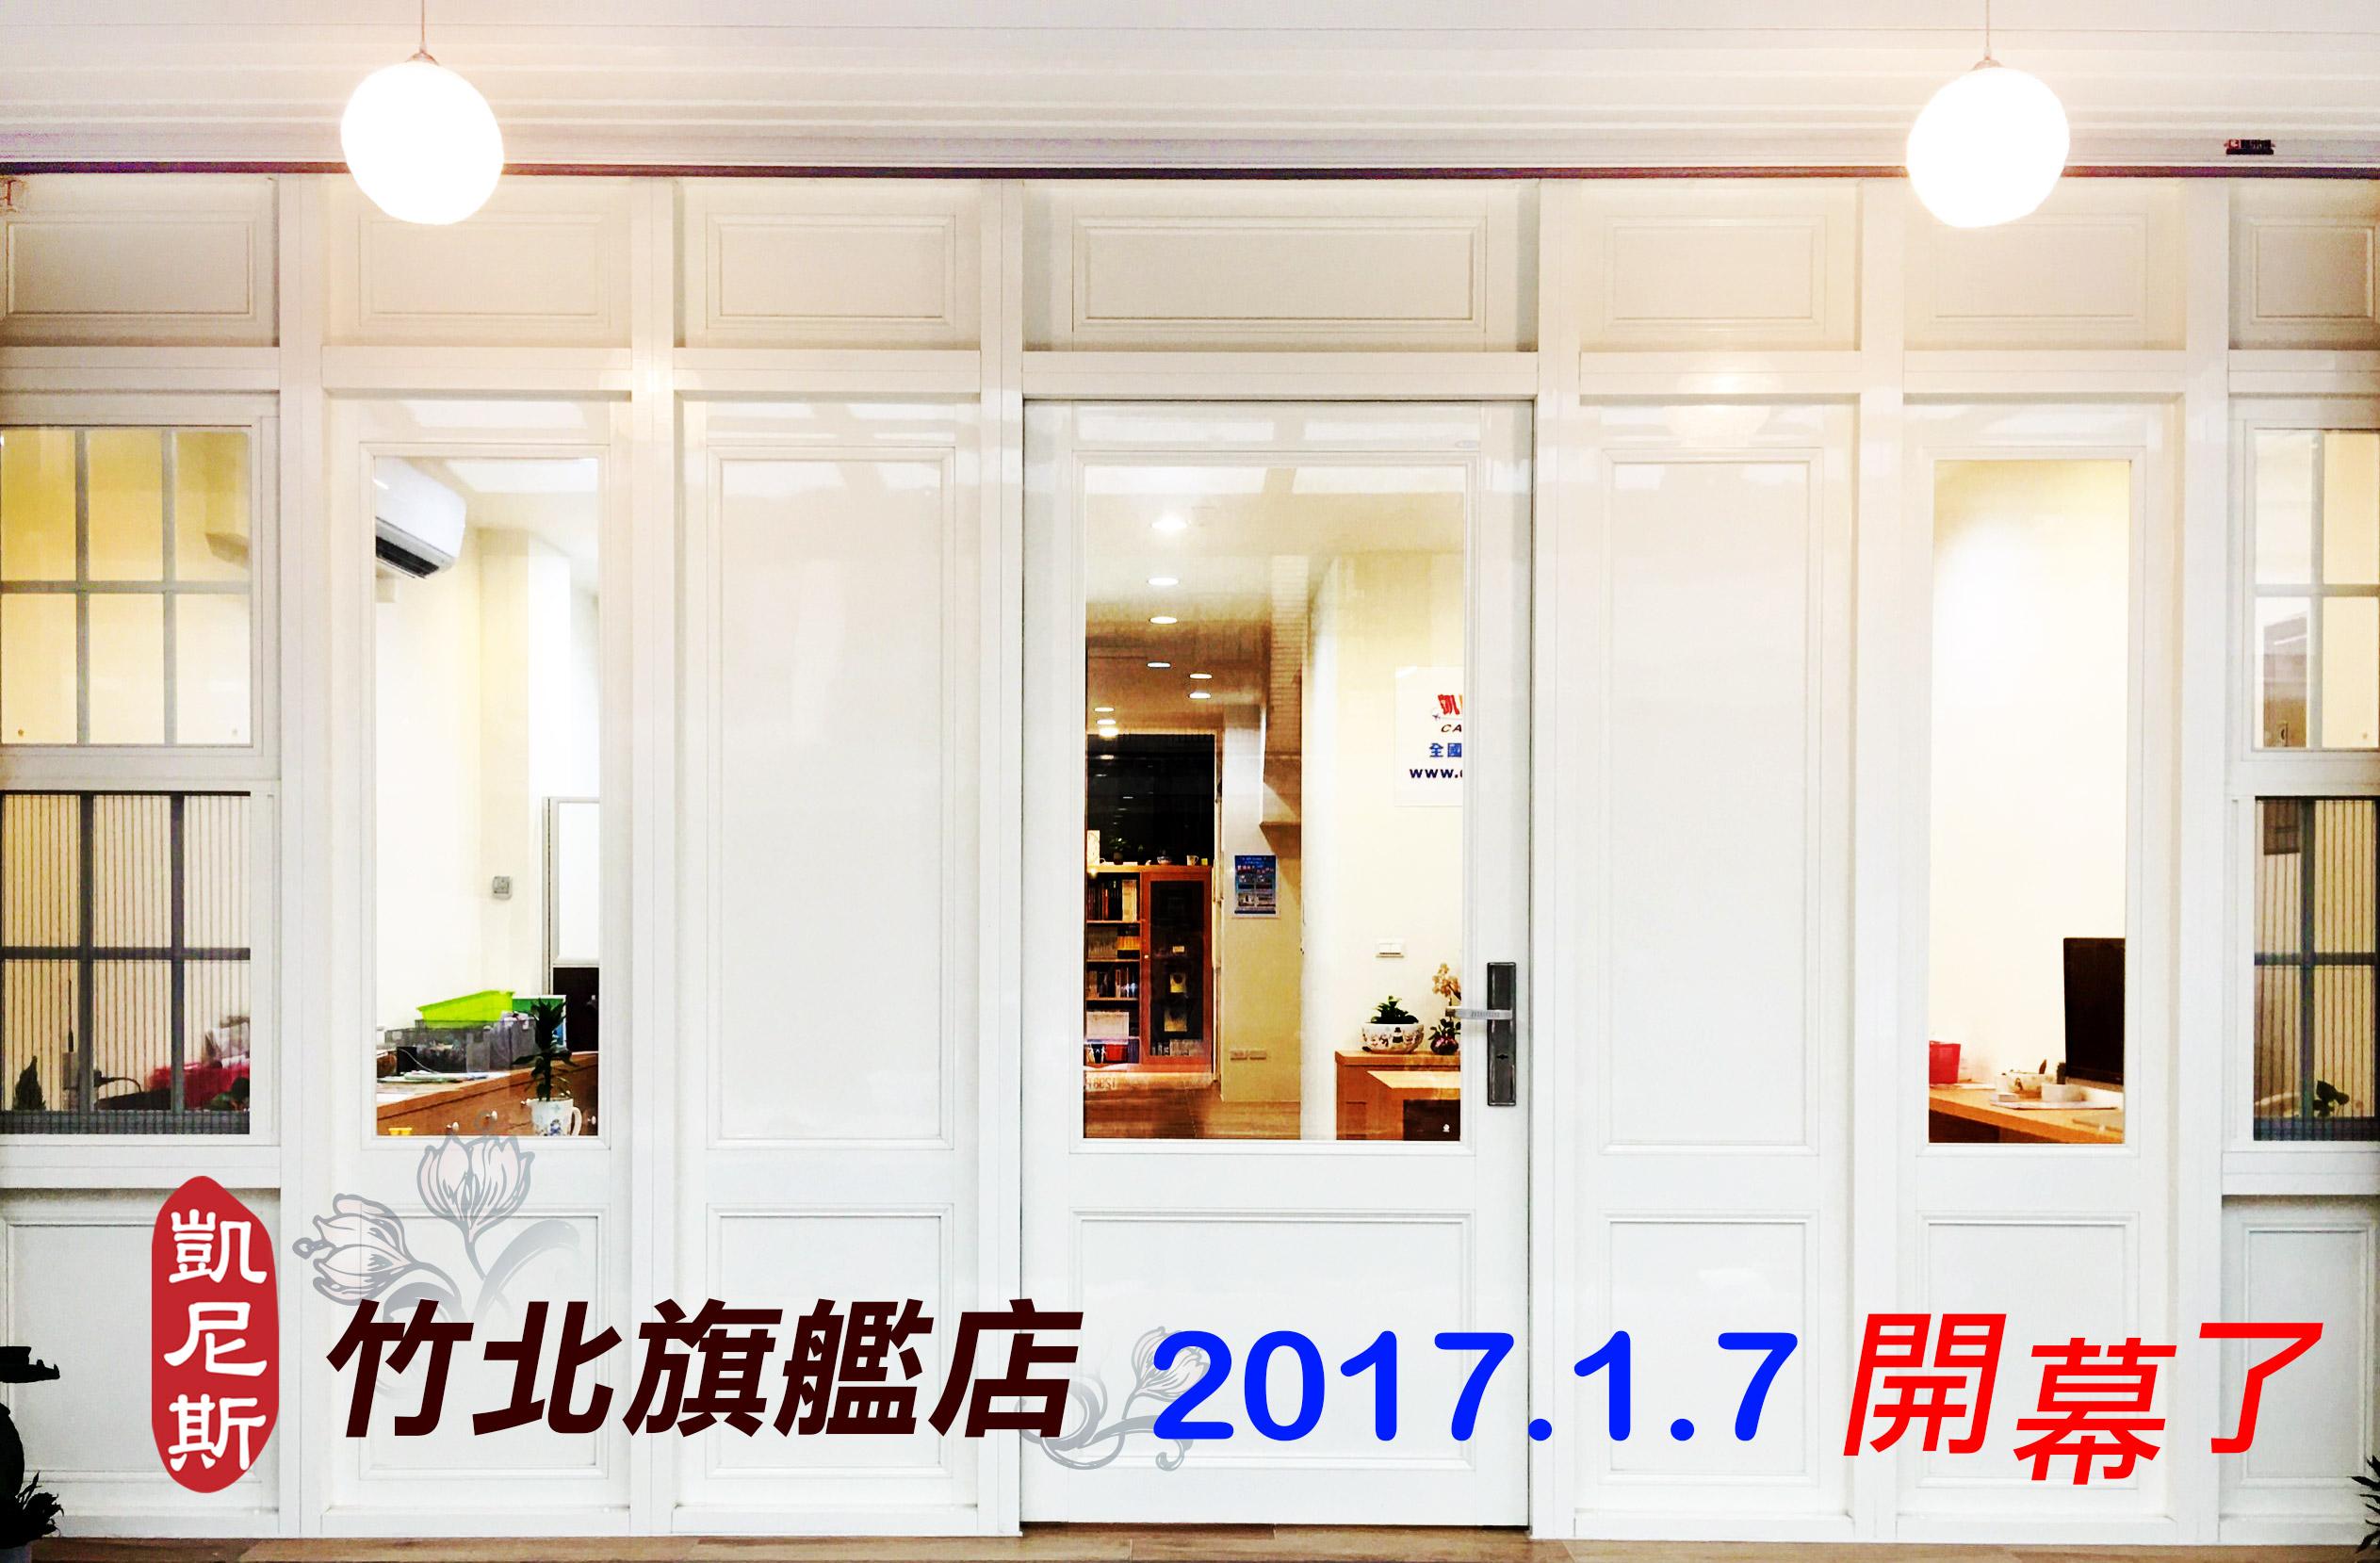 凱尼斯旅行社-竹北旗艦店